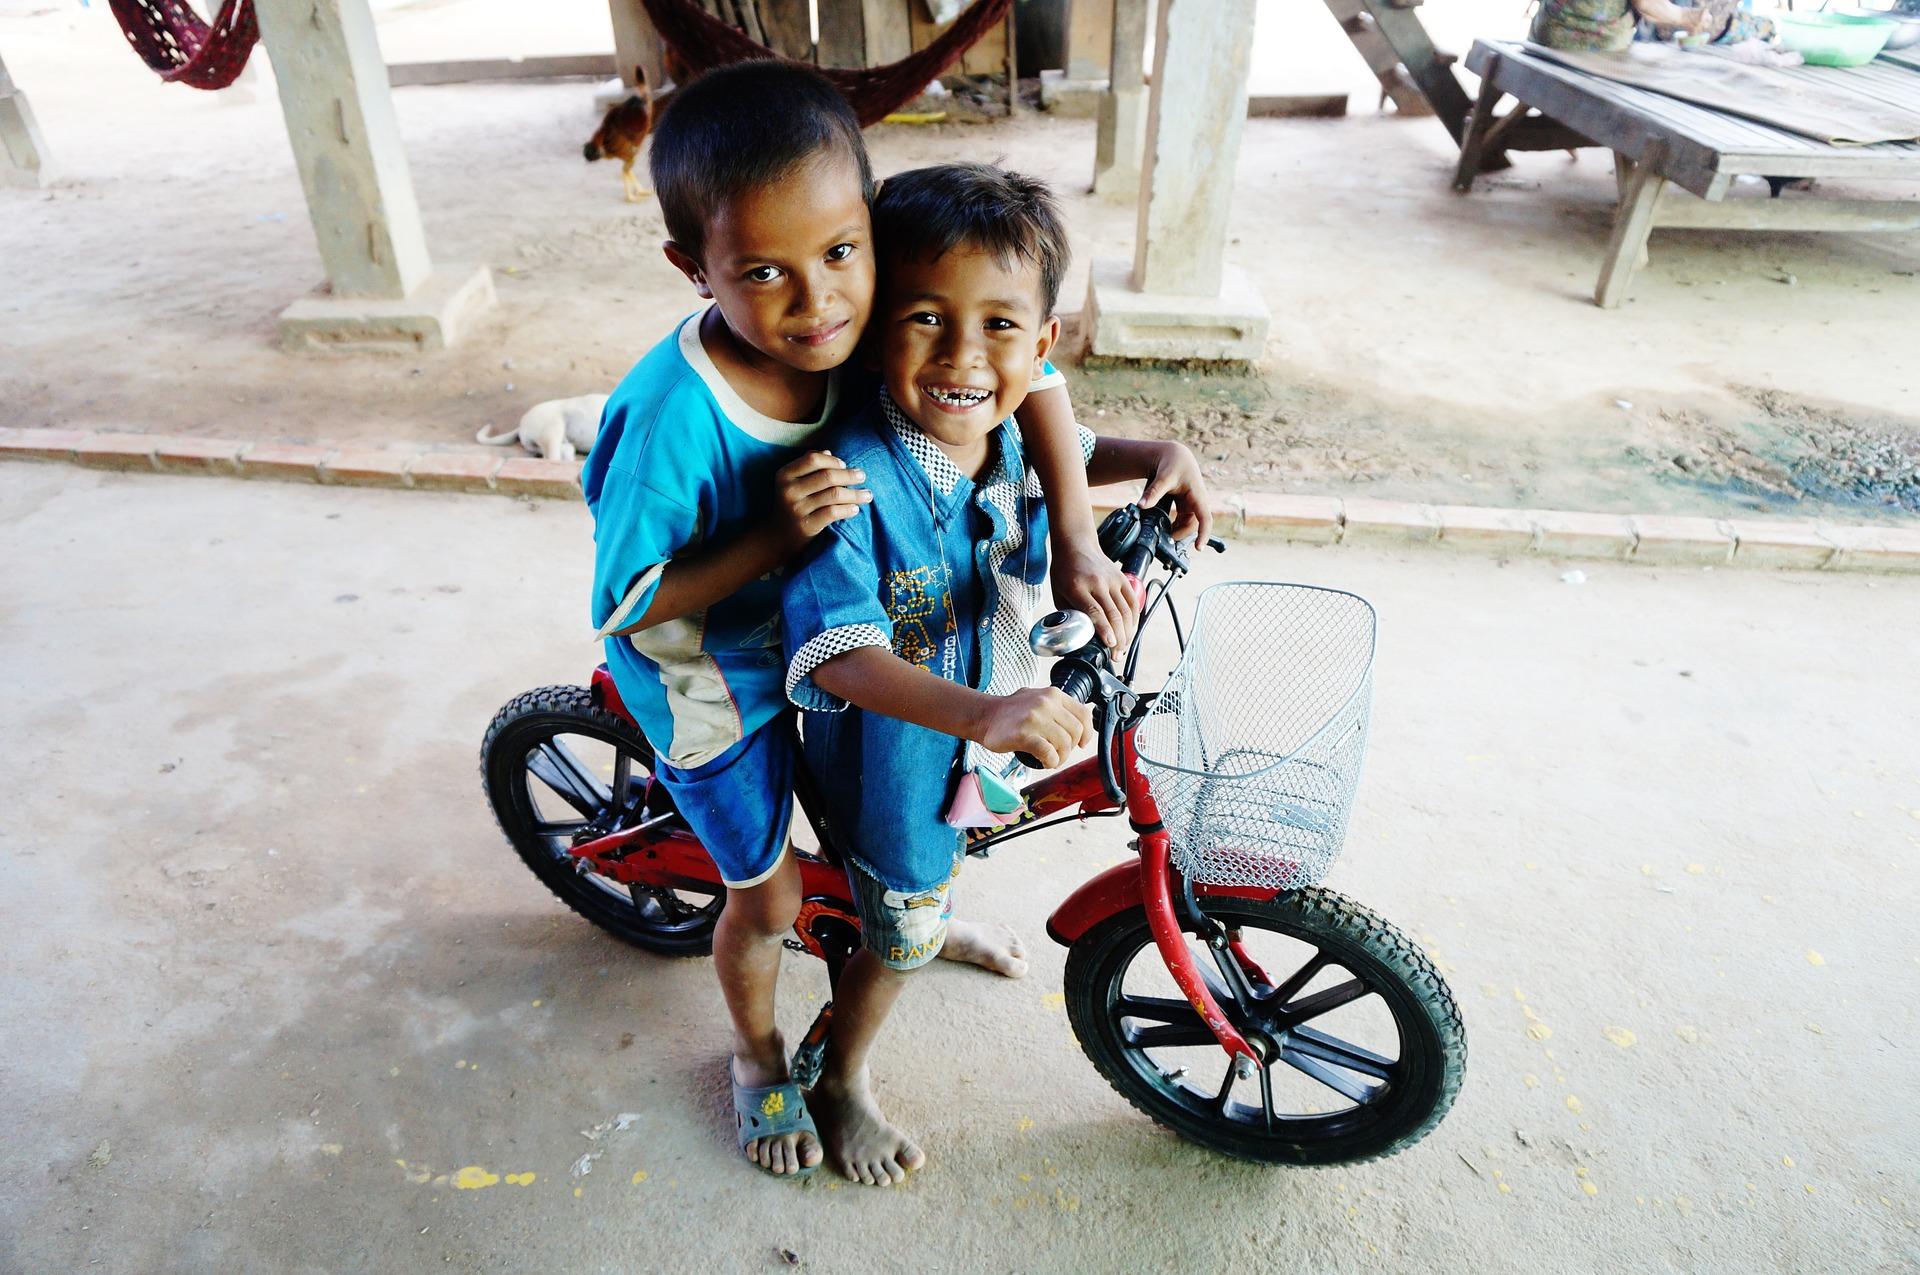 Spielende Kinder © Pixabay/CarinaChen